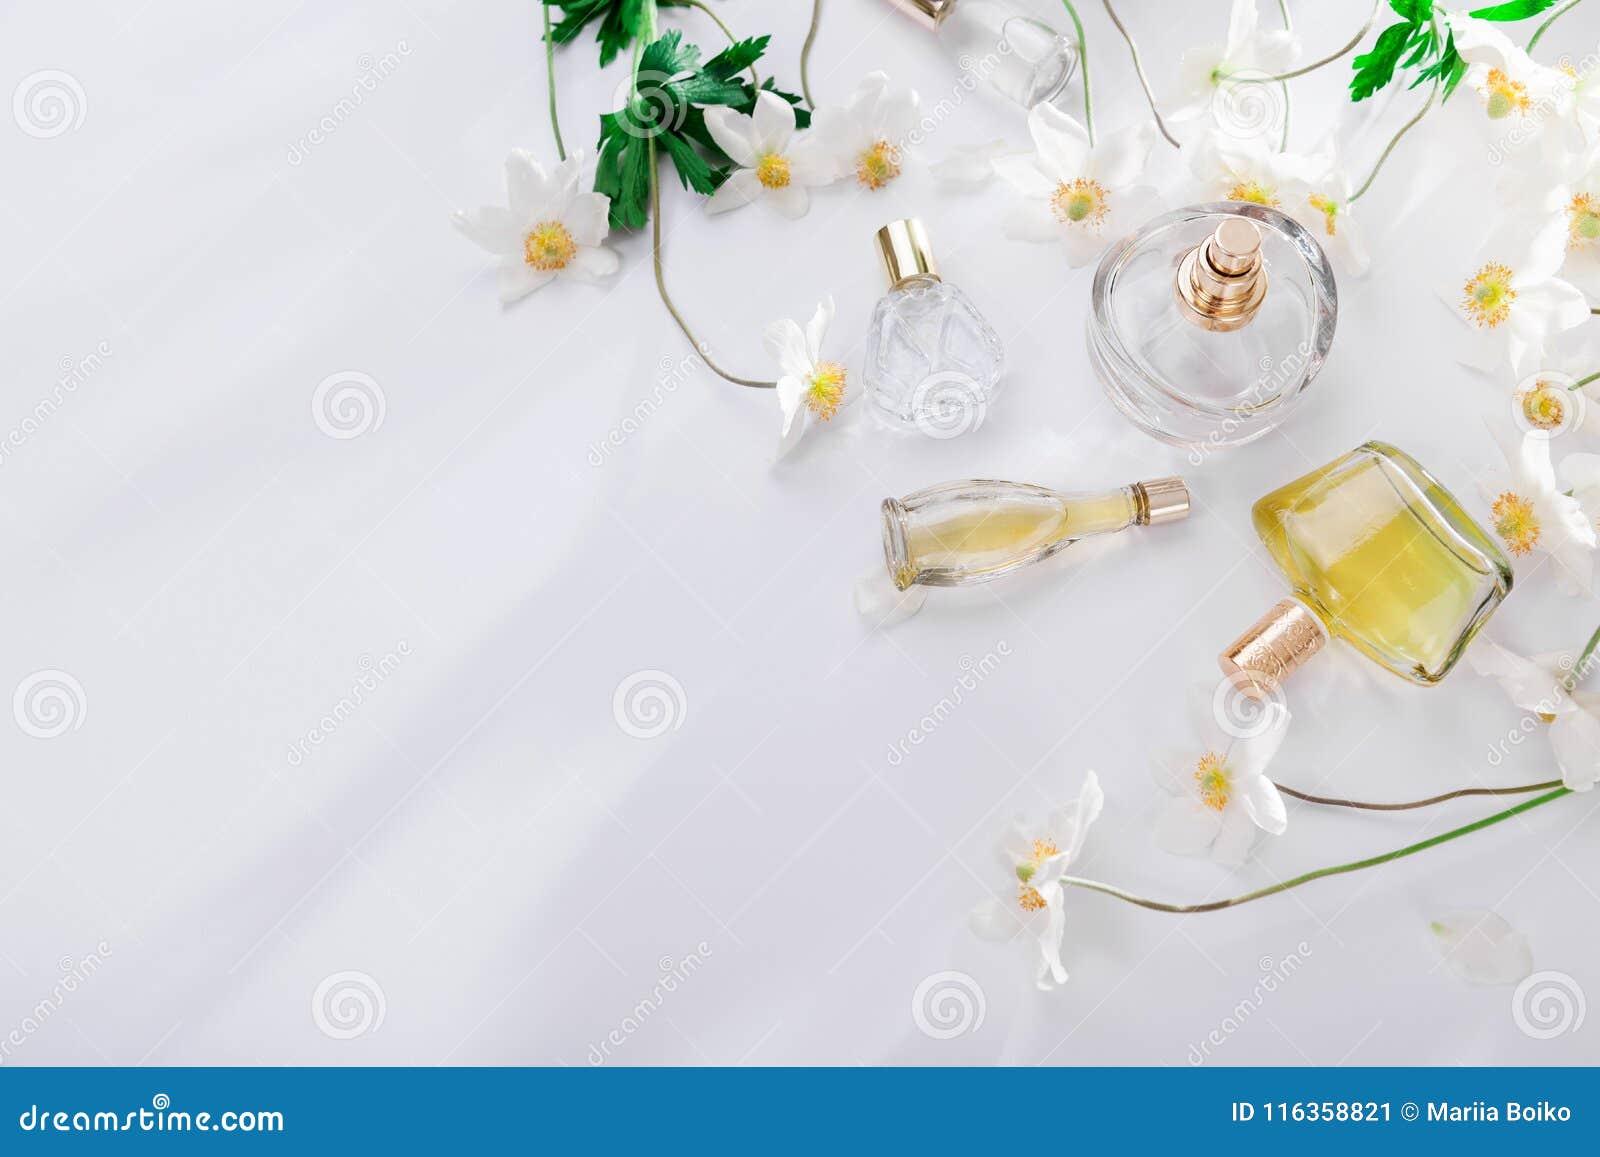 Φυσική έννοια αρώματος Μπουκάλια του αρώματος με τα άσπρα λουλούδια Floral άρωμα